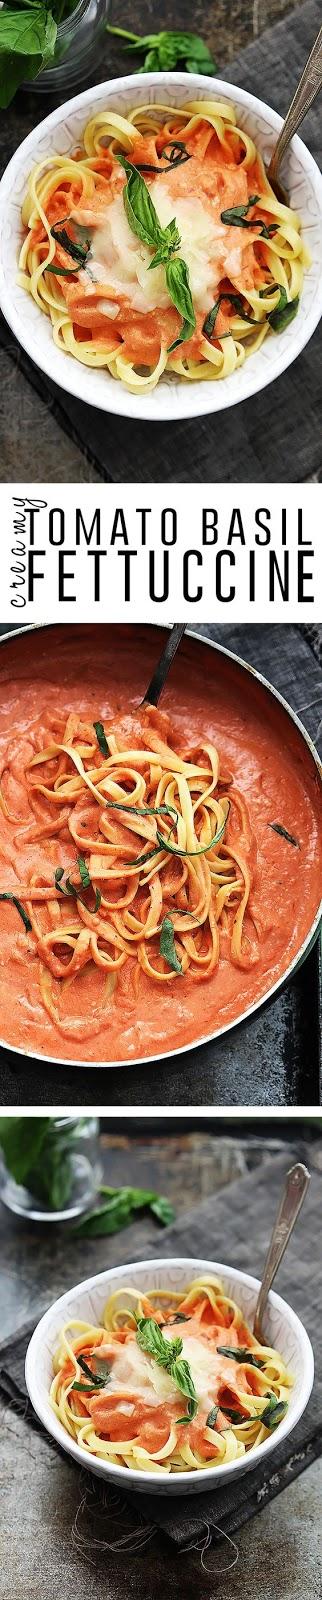 Creamy Tomato Basil Fettuccine